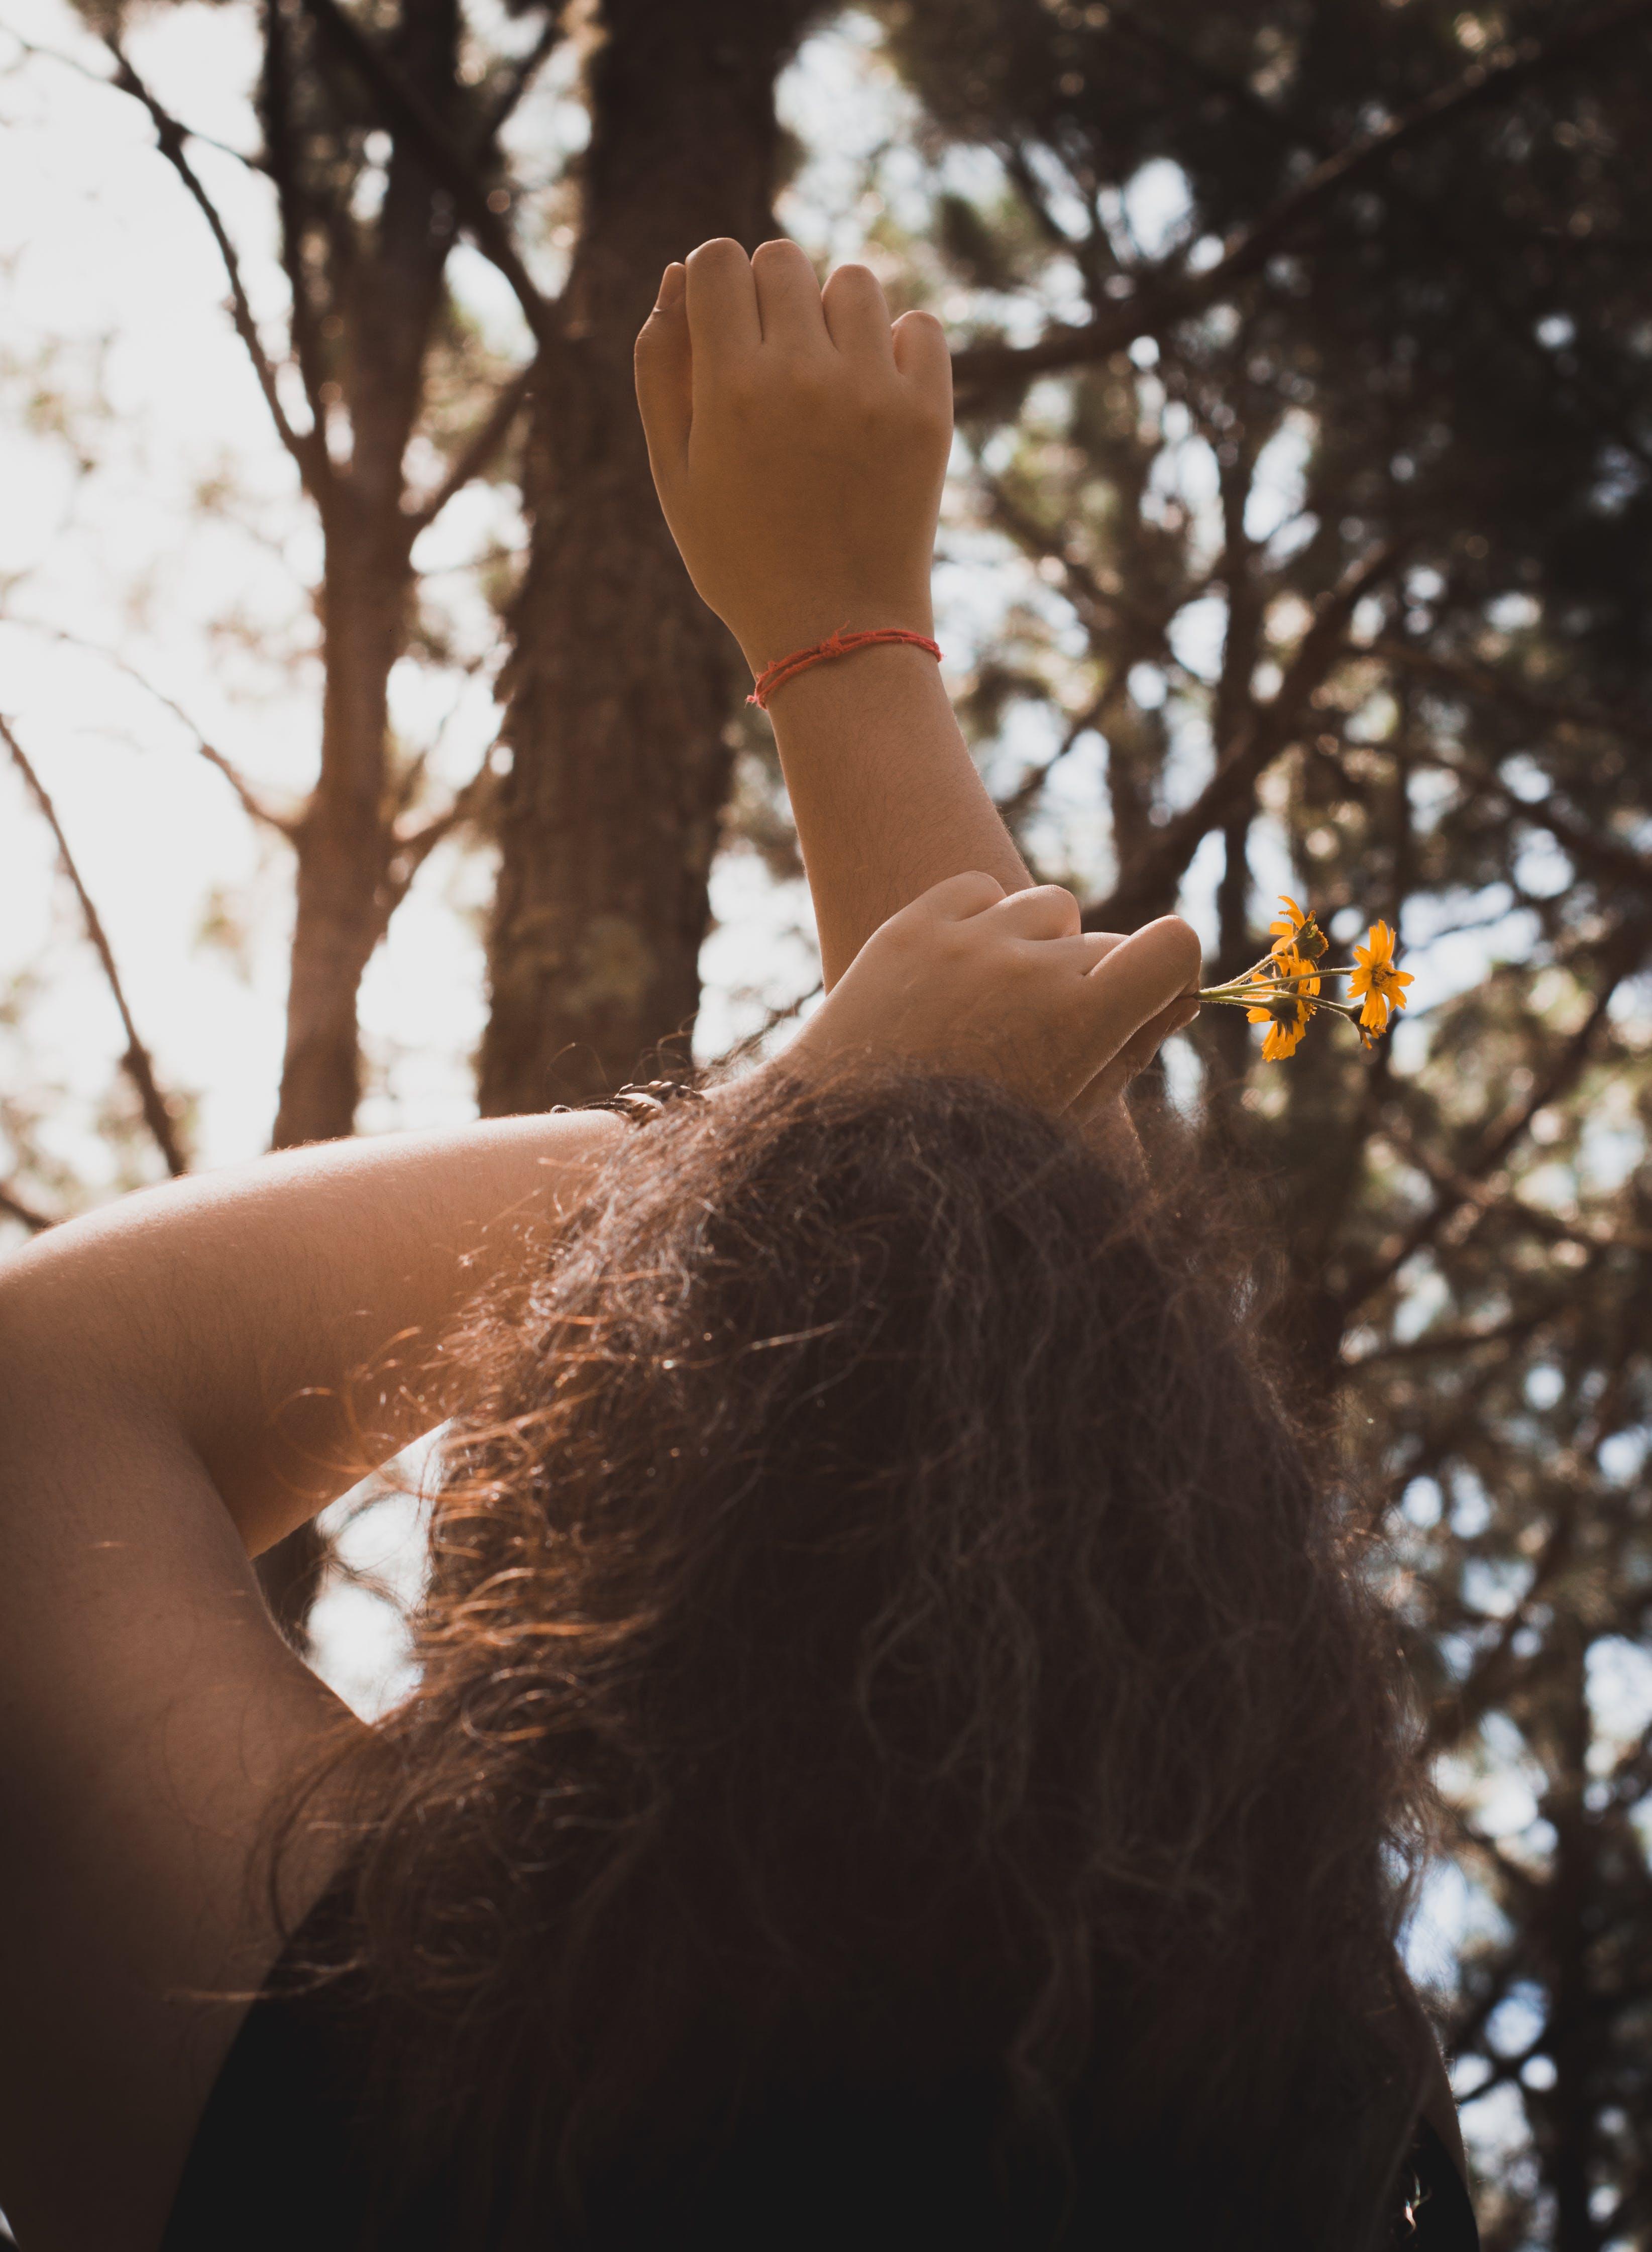 Δωρεάν στοκ φωτογραφιών με #models, #outdoorchallenge, #κορίτσι, #κυρία